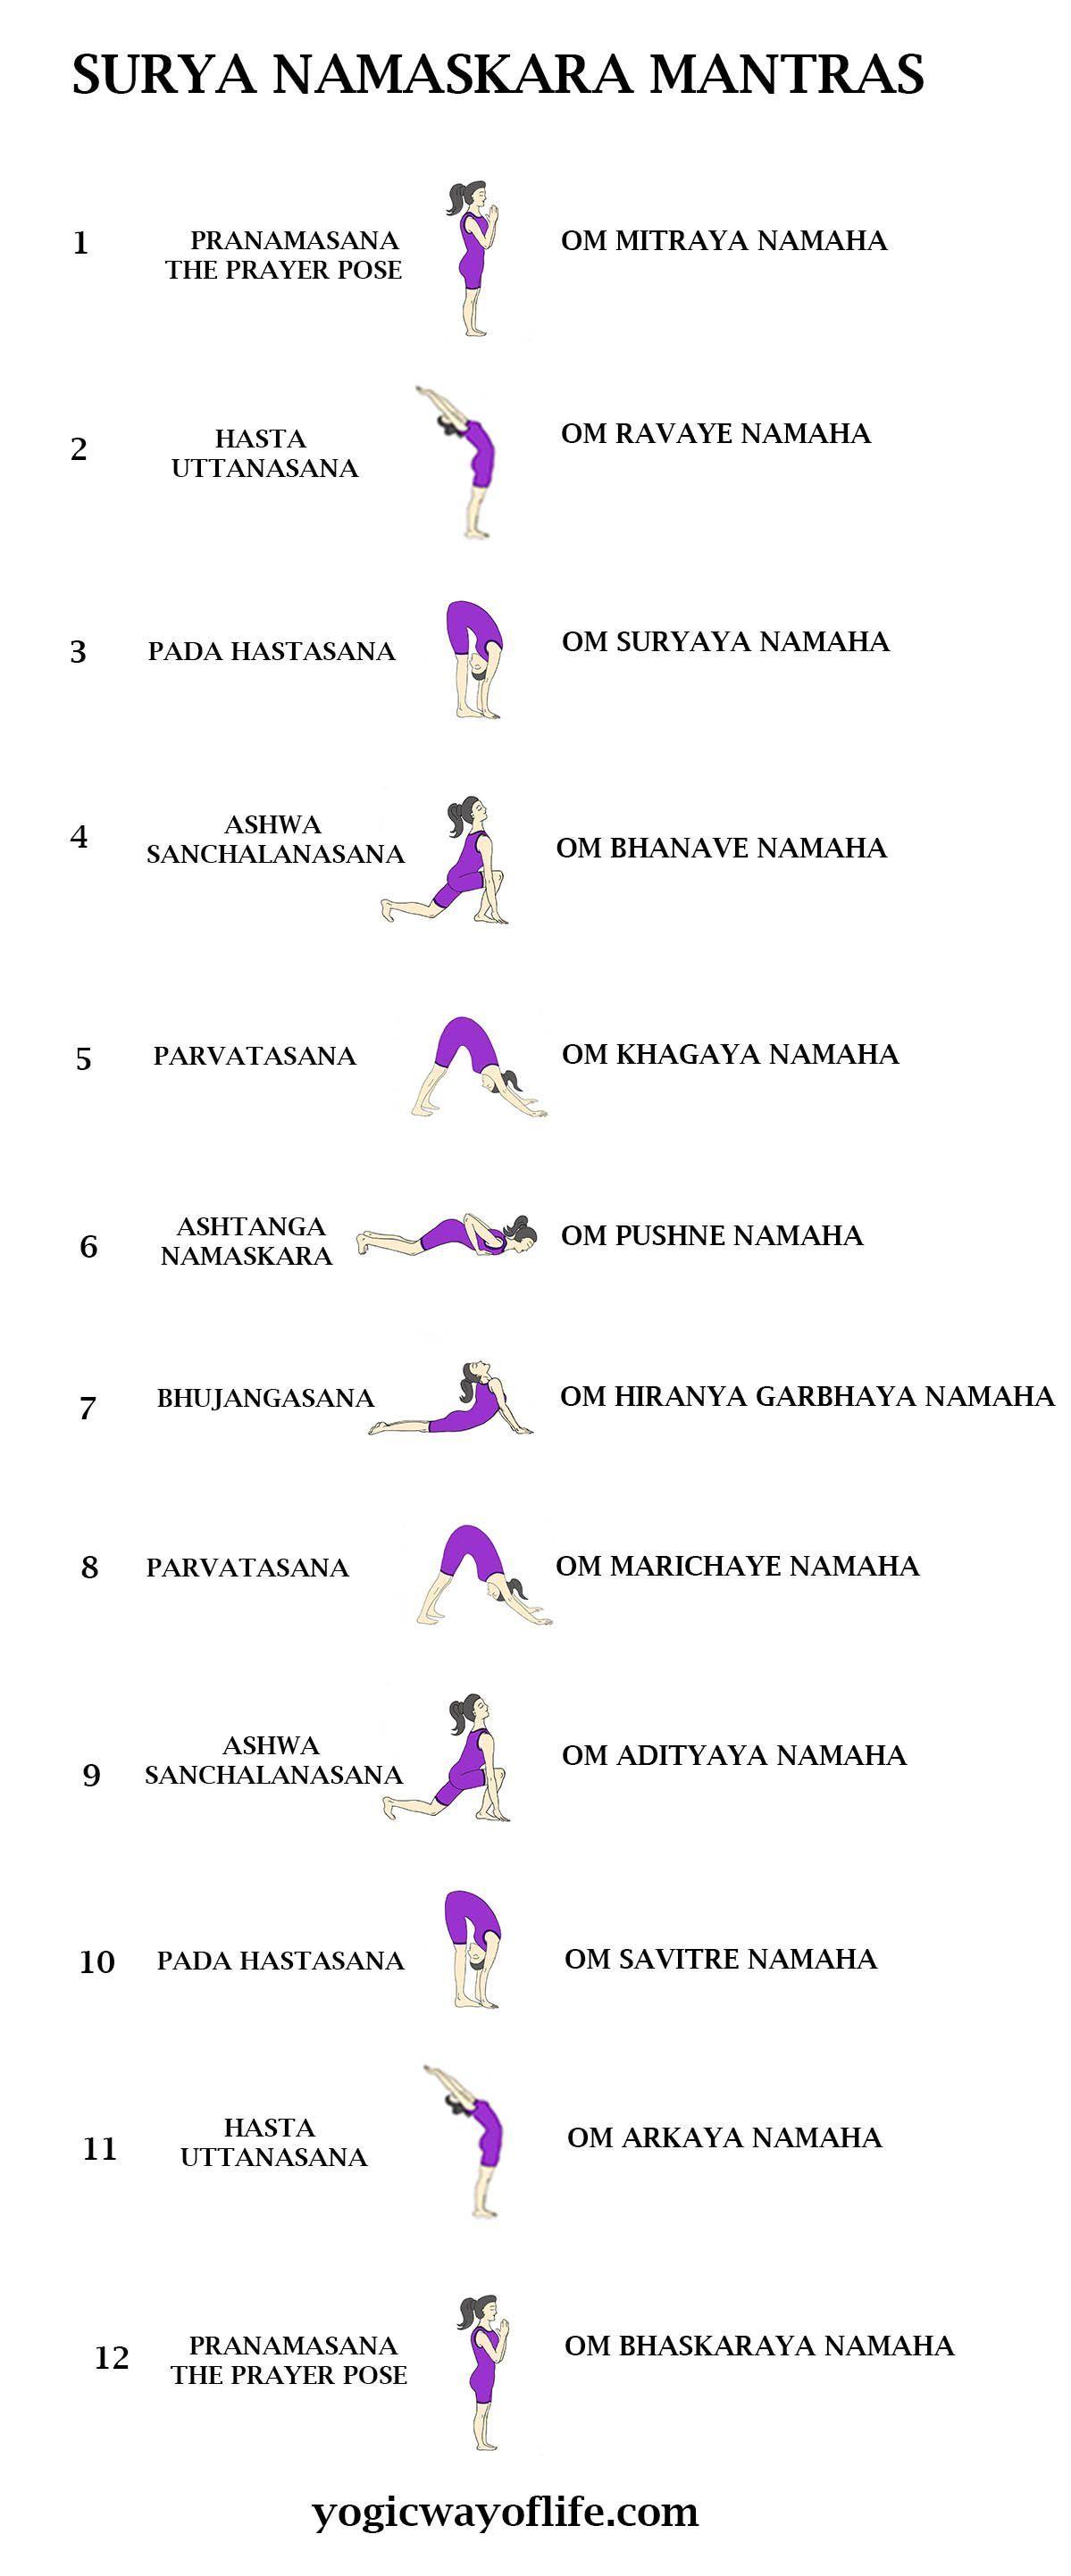 Sun Salutation Mantras Series Of 12 Poses For Your Morning Yoga Session Yoga Mantras Surya Namaskara Yoga Sun Salutation